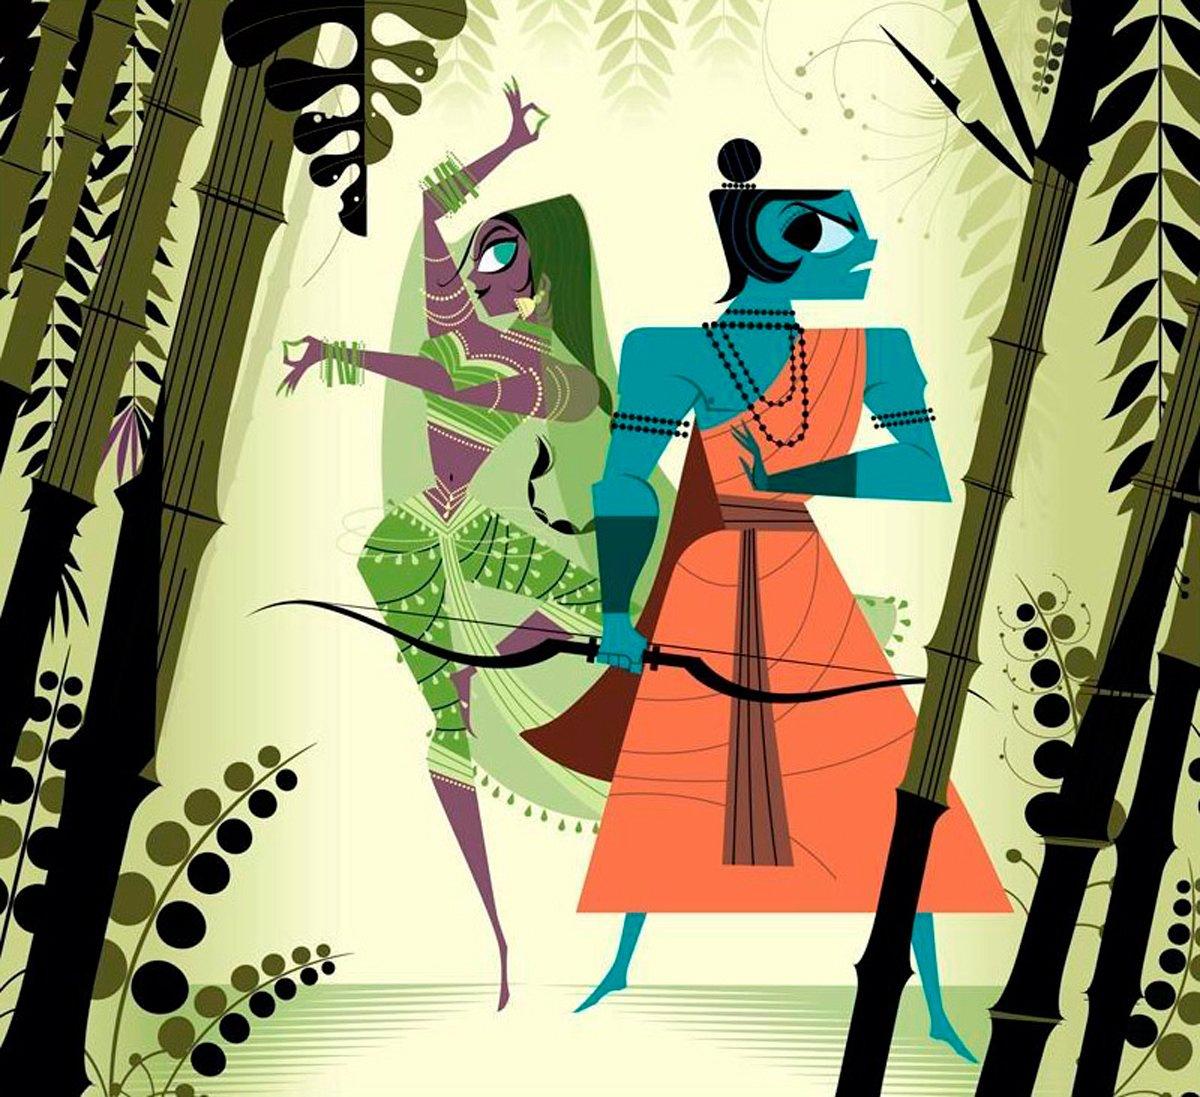 Los protagonistas de la leyenda que da lugar a Diwali son Rama y Sita, protagonistas del Ramayana. Aquí los tenéis. https://t.co/JOlW9yABmd